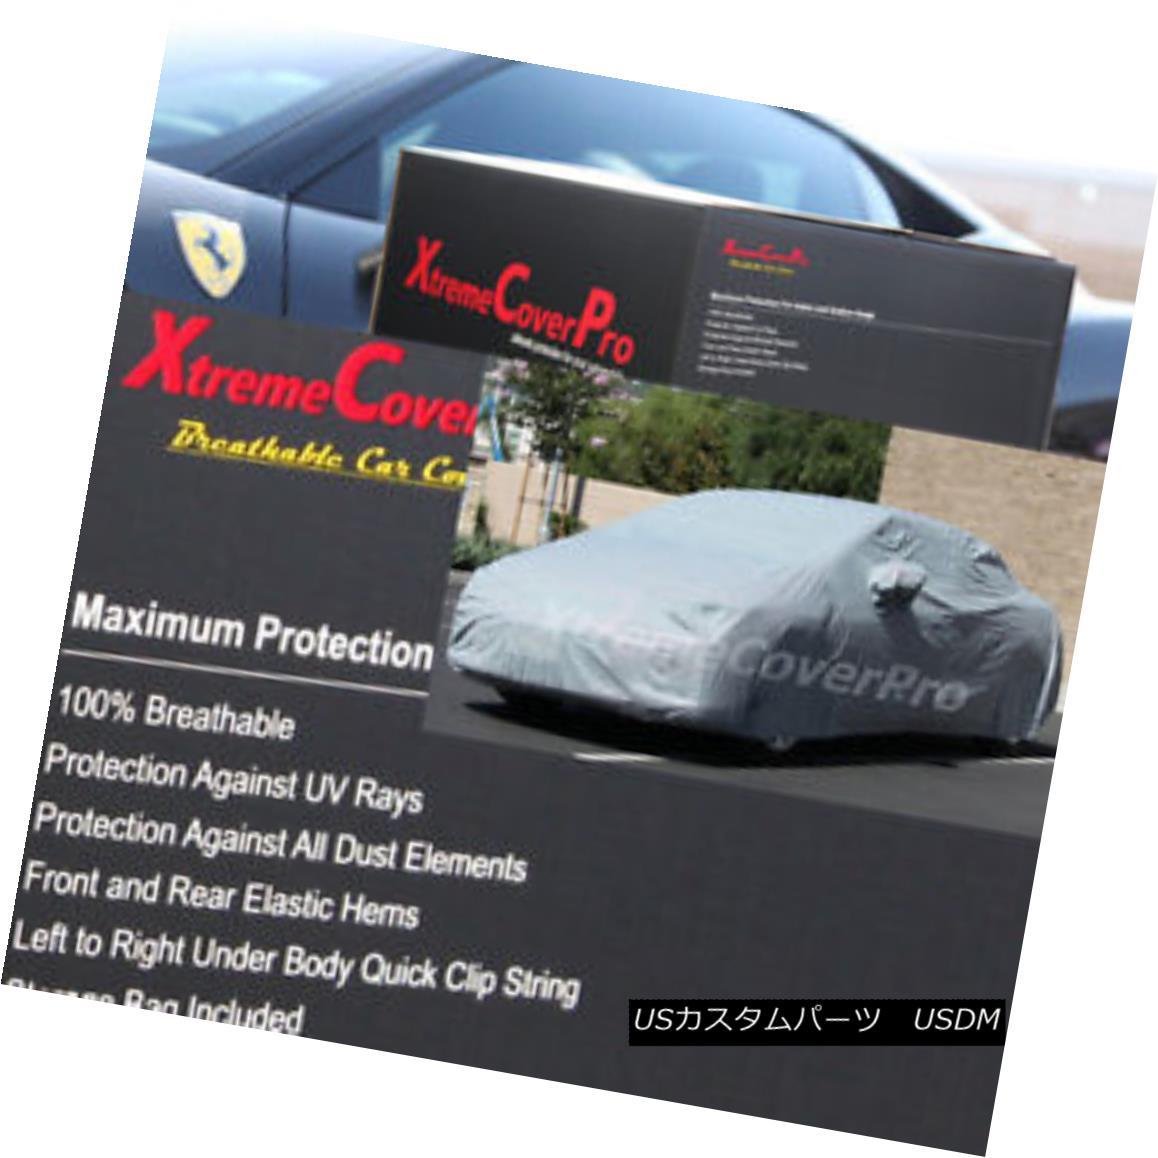 カーカバー 1995 1996 1997 1998 1999 Dodge Neon Coupe Breathable Car Cover w/MirrorPocket 1995 1996 1997 1998 1999ダッジネオンクーペ通気性車カバー付きMirrorPocket